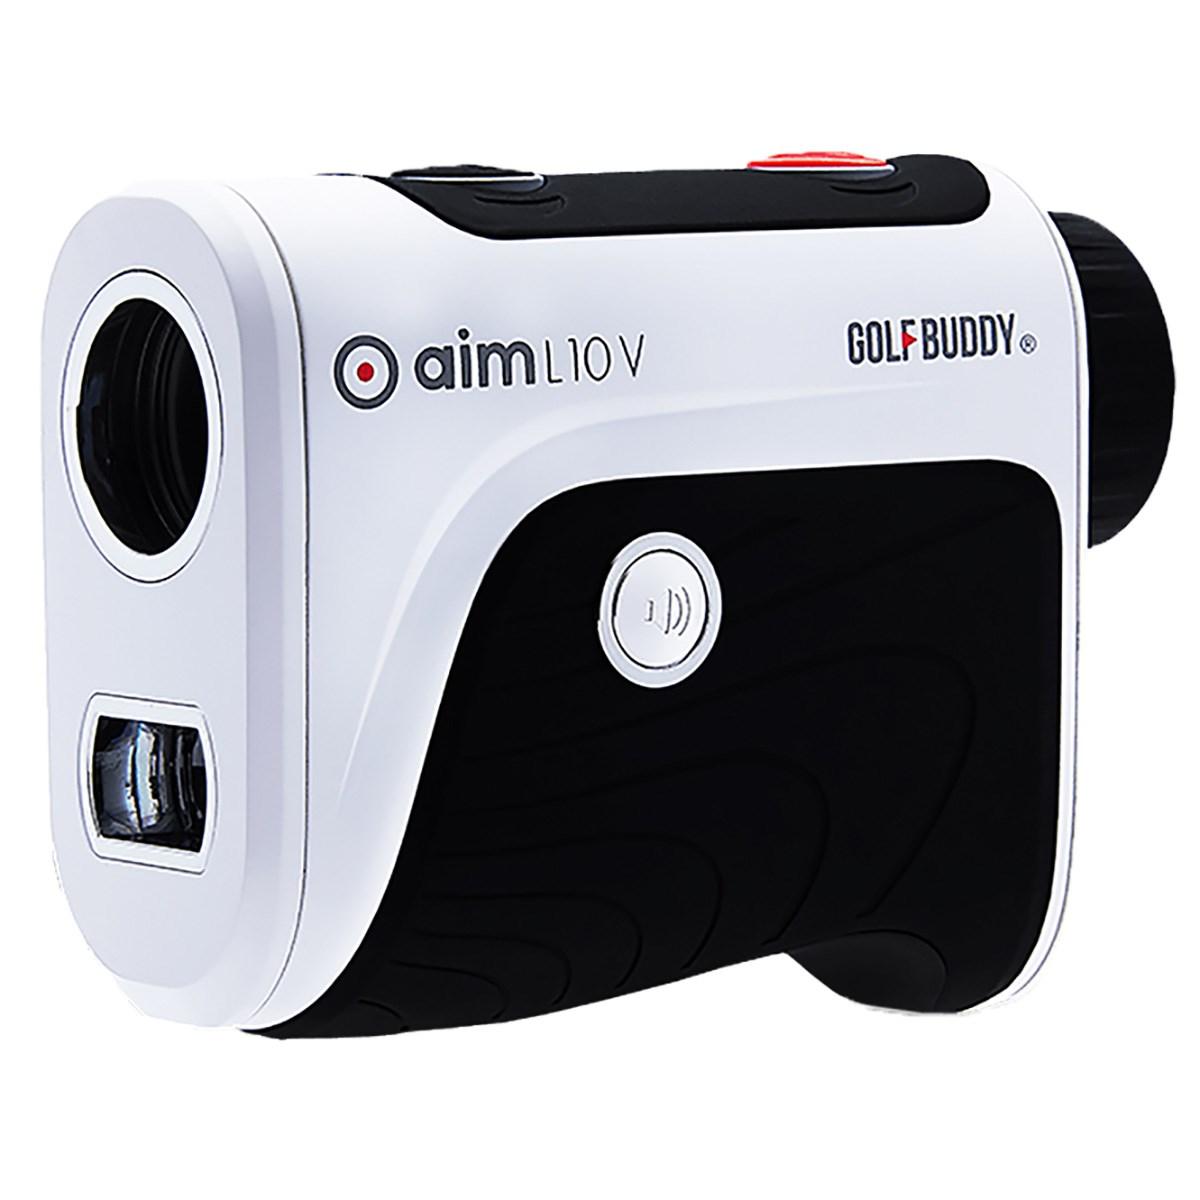 ゴルフバディー aim L10V レーザー距離計測器 音声付き